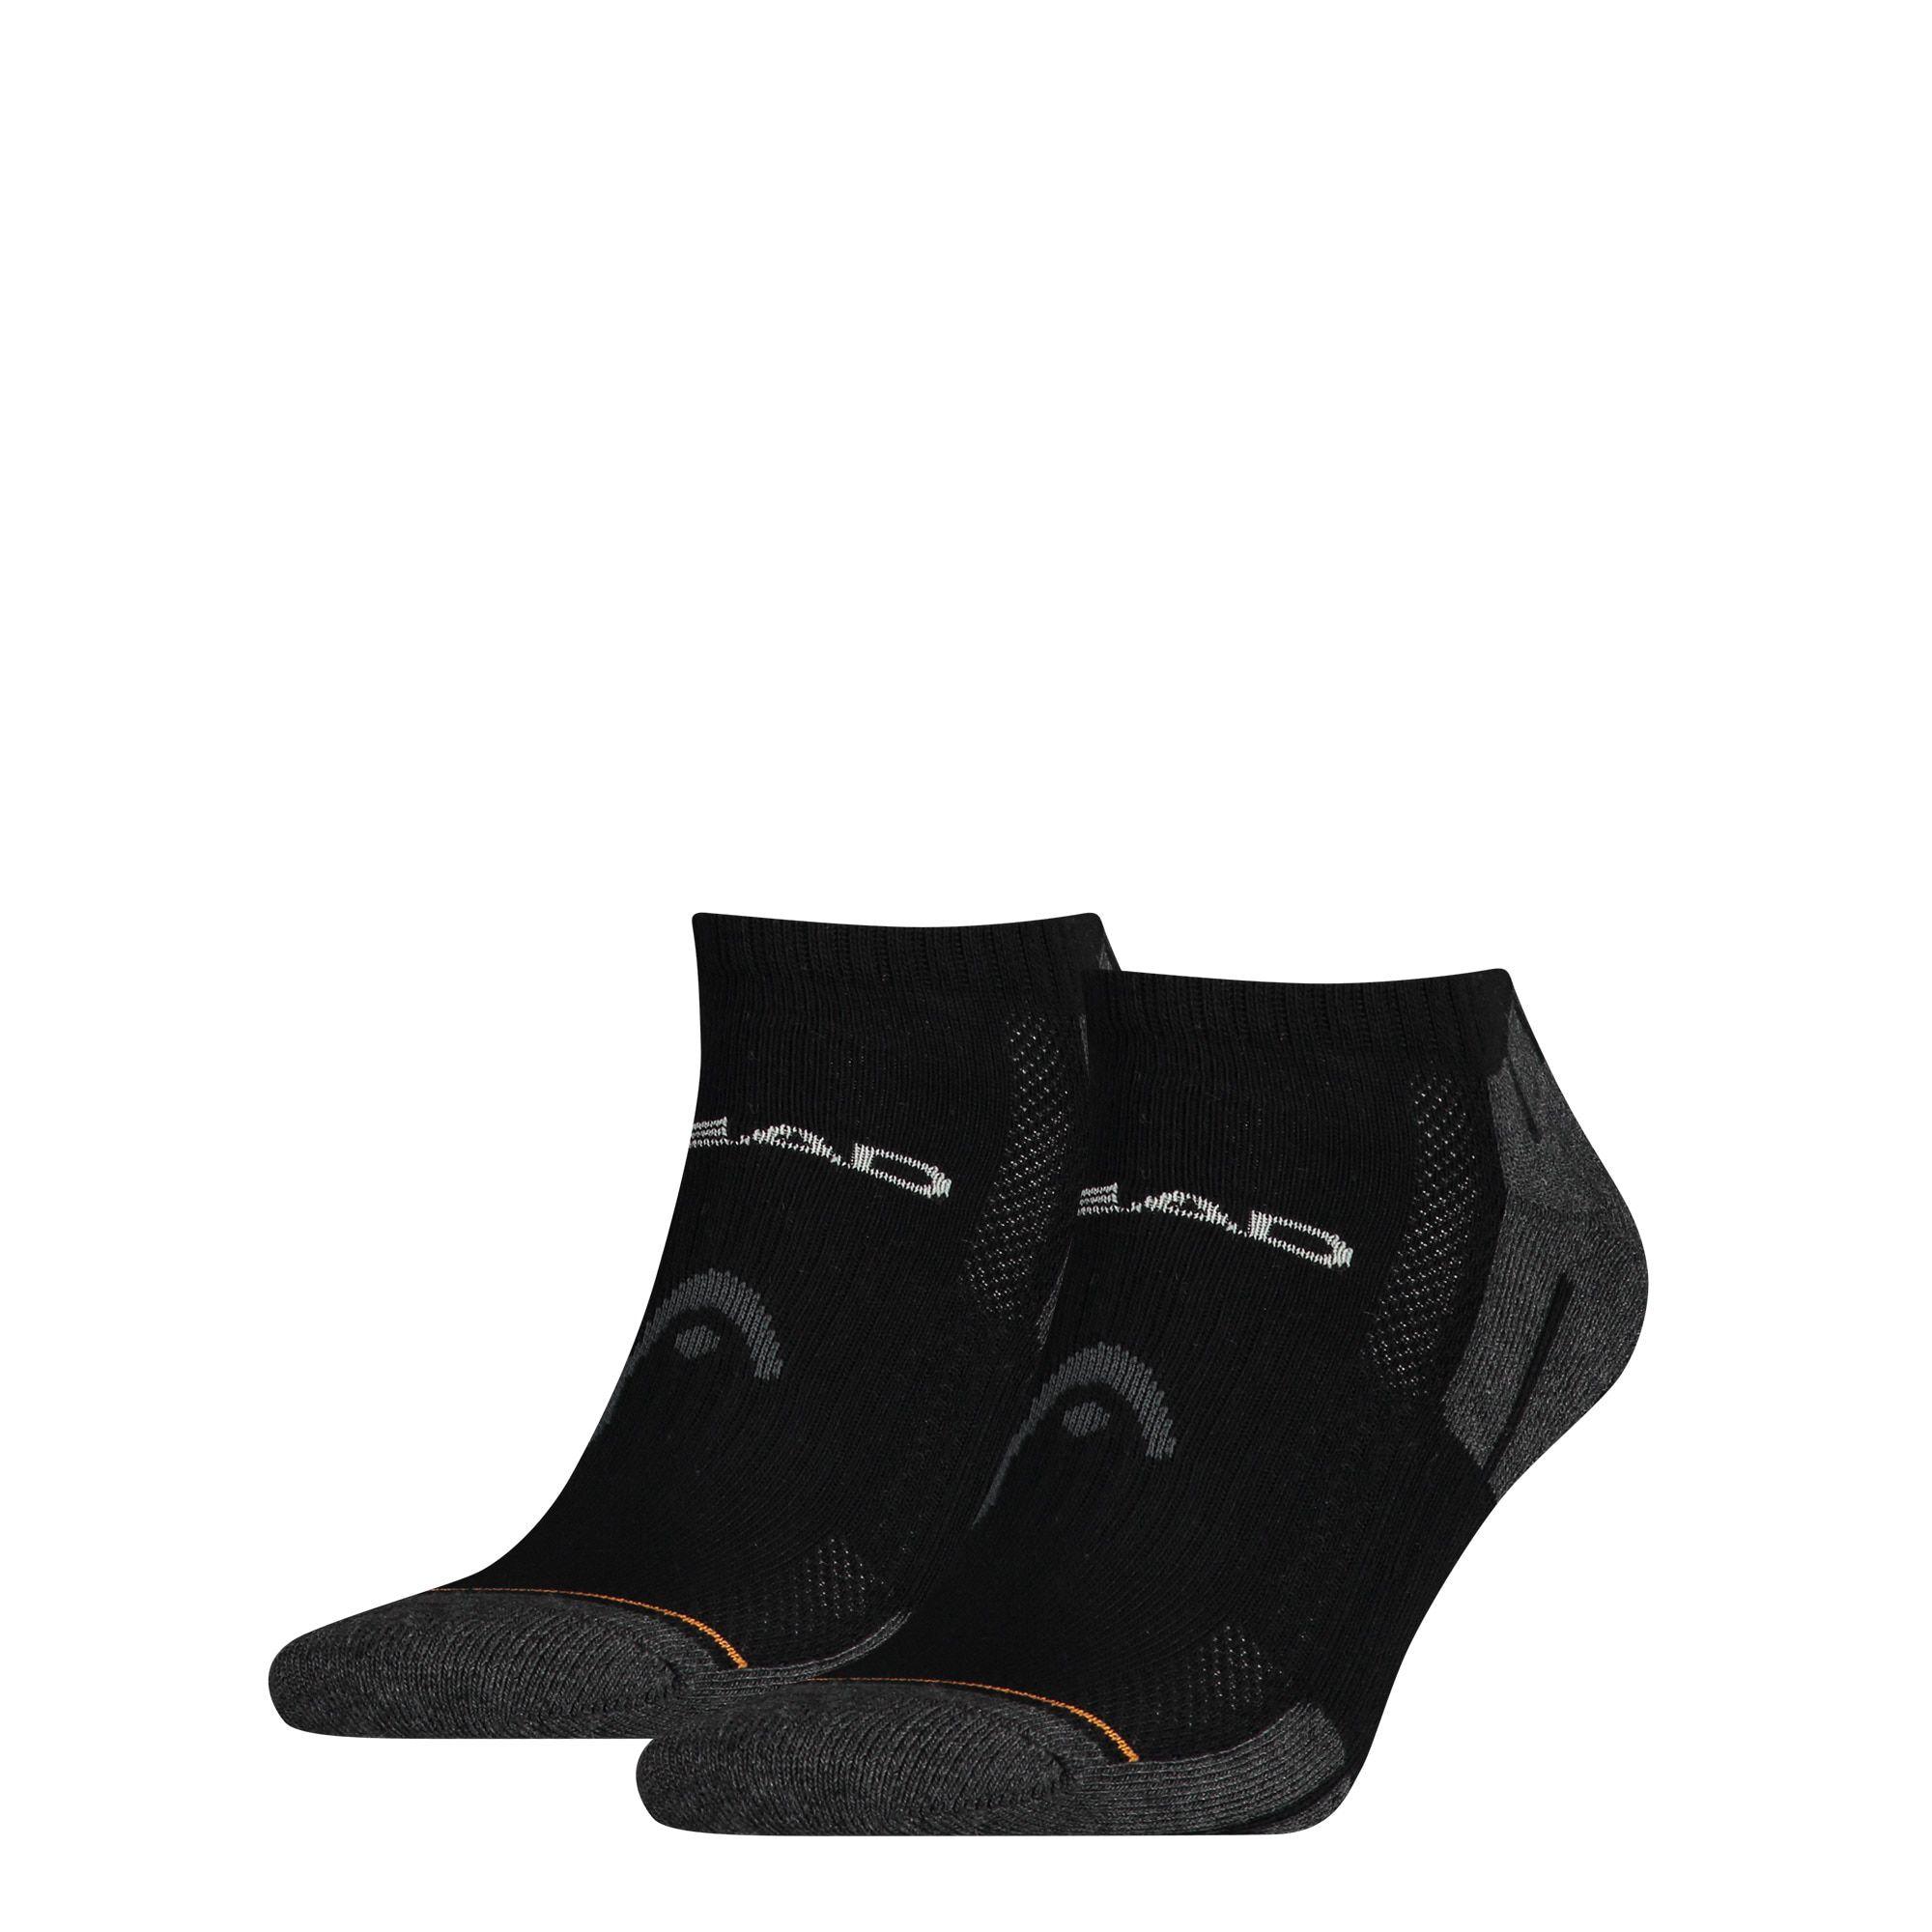 HEAD Performance Sneaker sokken 2-pack Unisex Black